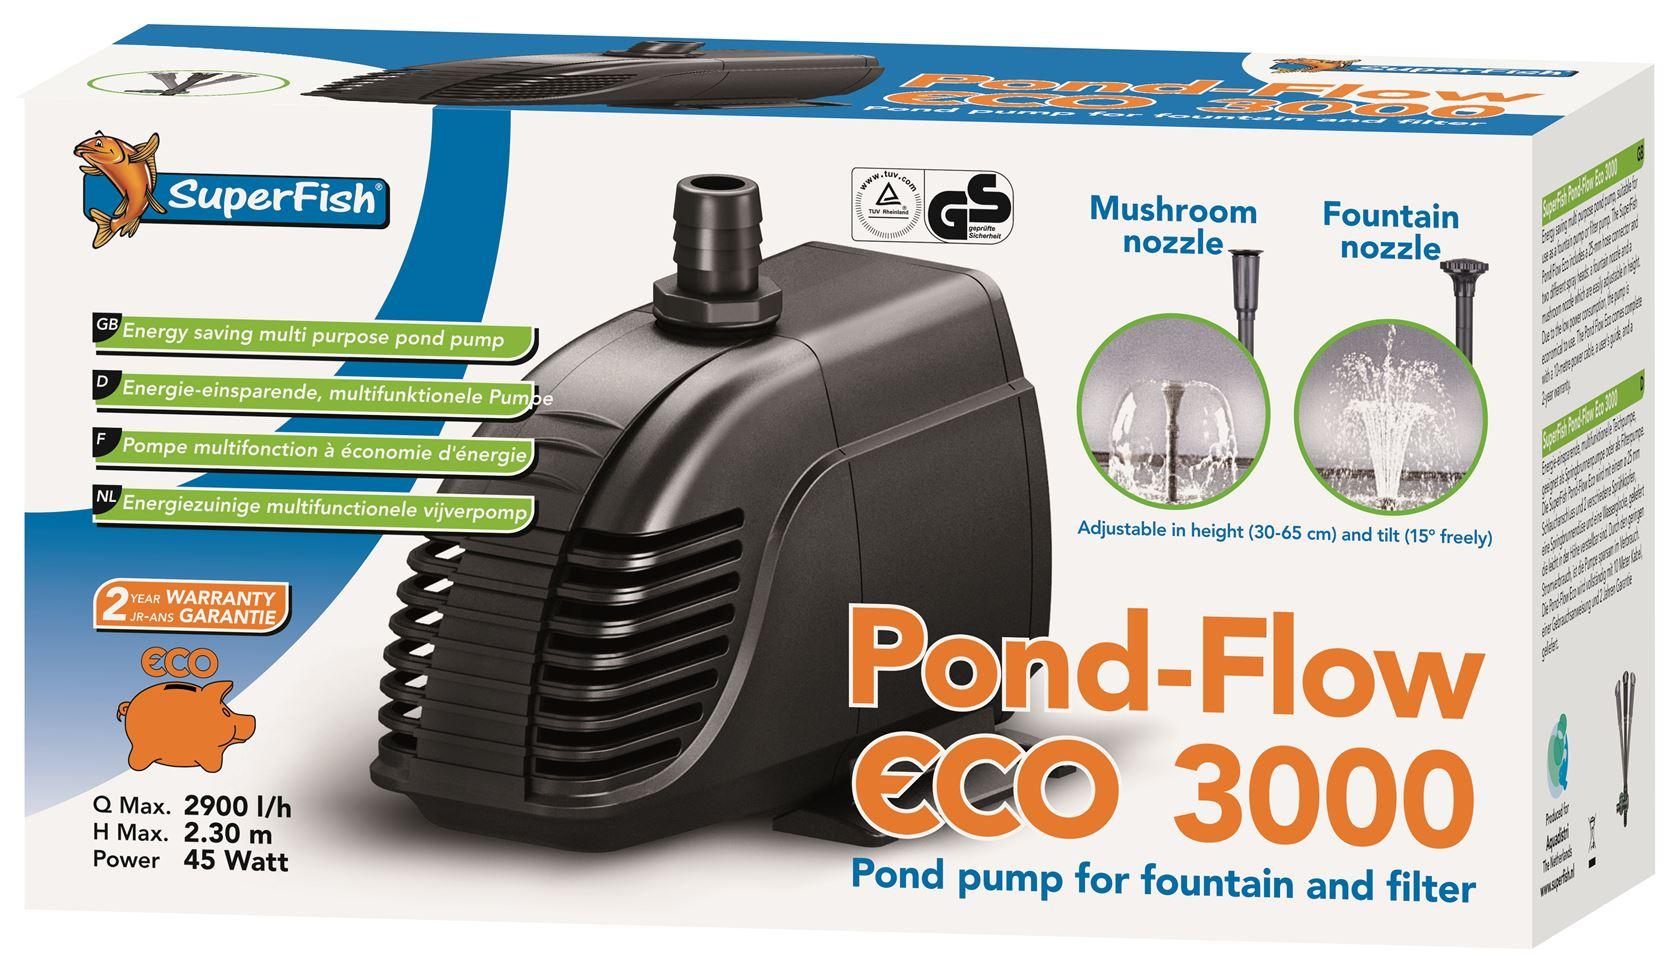 vijverpomp superfish pond flow eco 3000